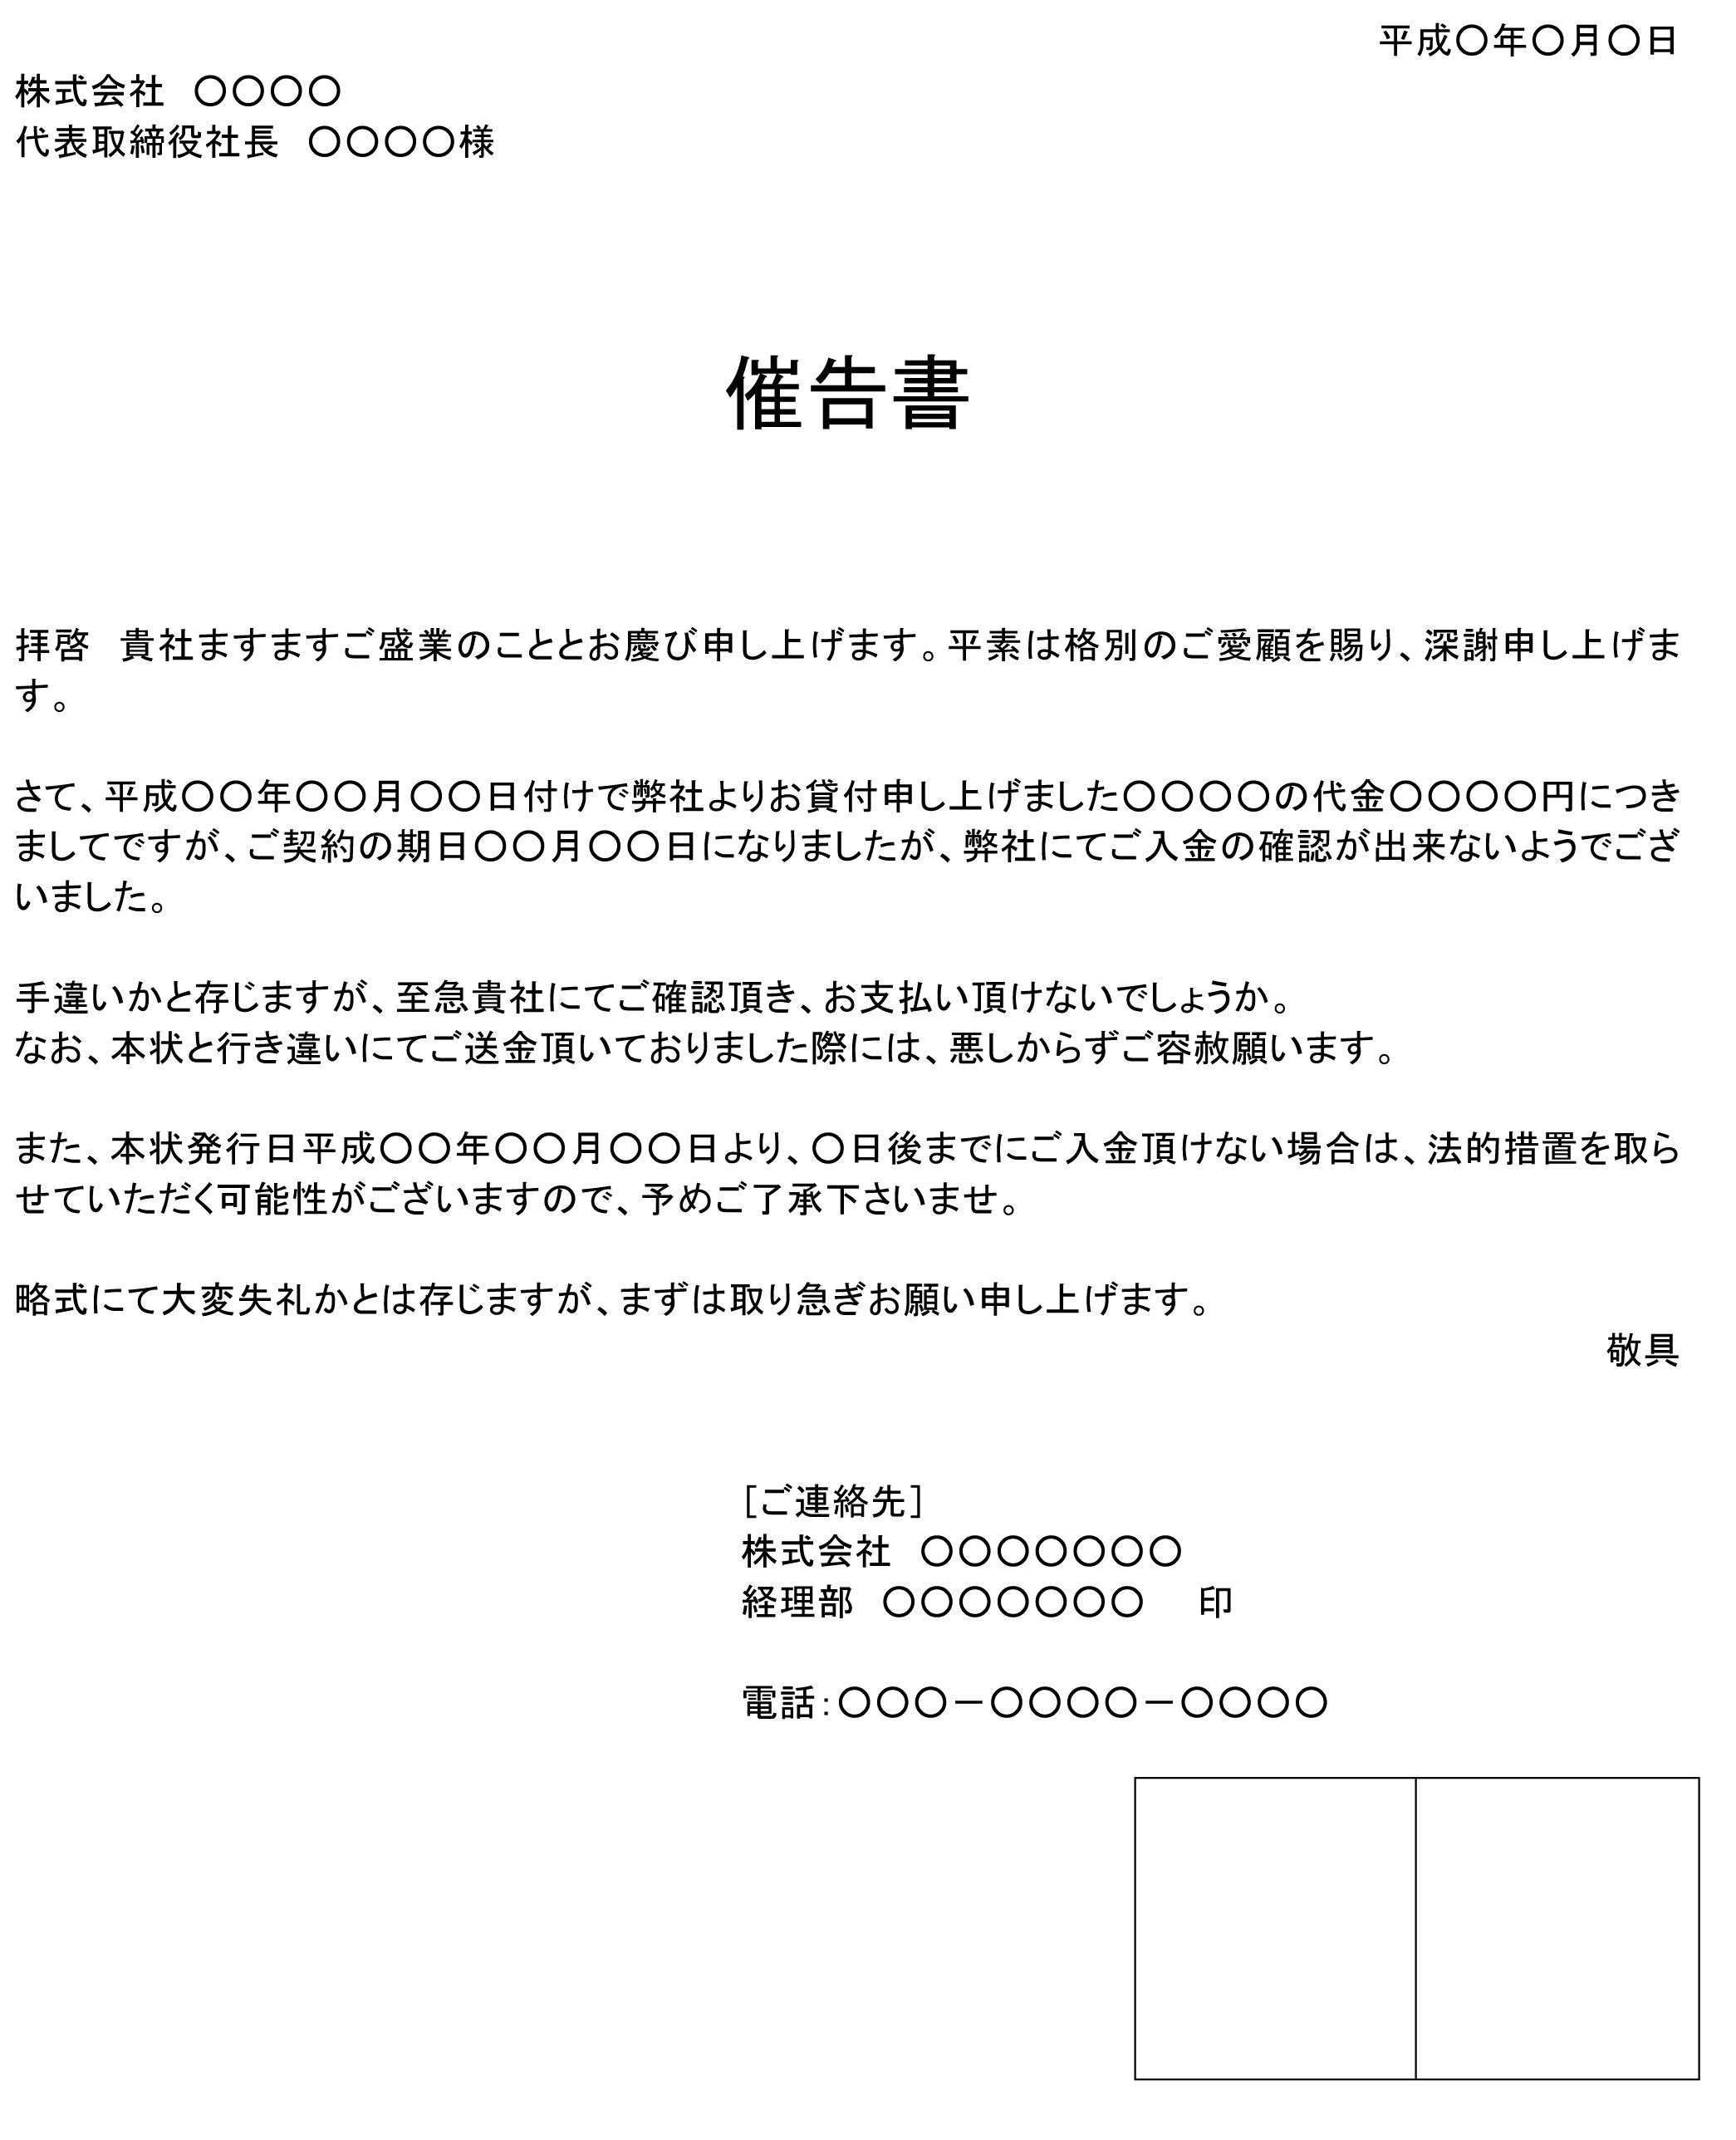 催告書(滞納貸付金)02